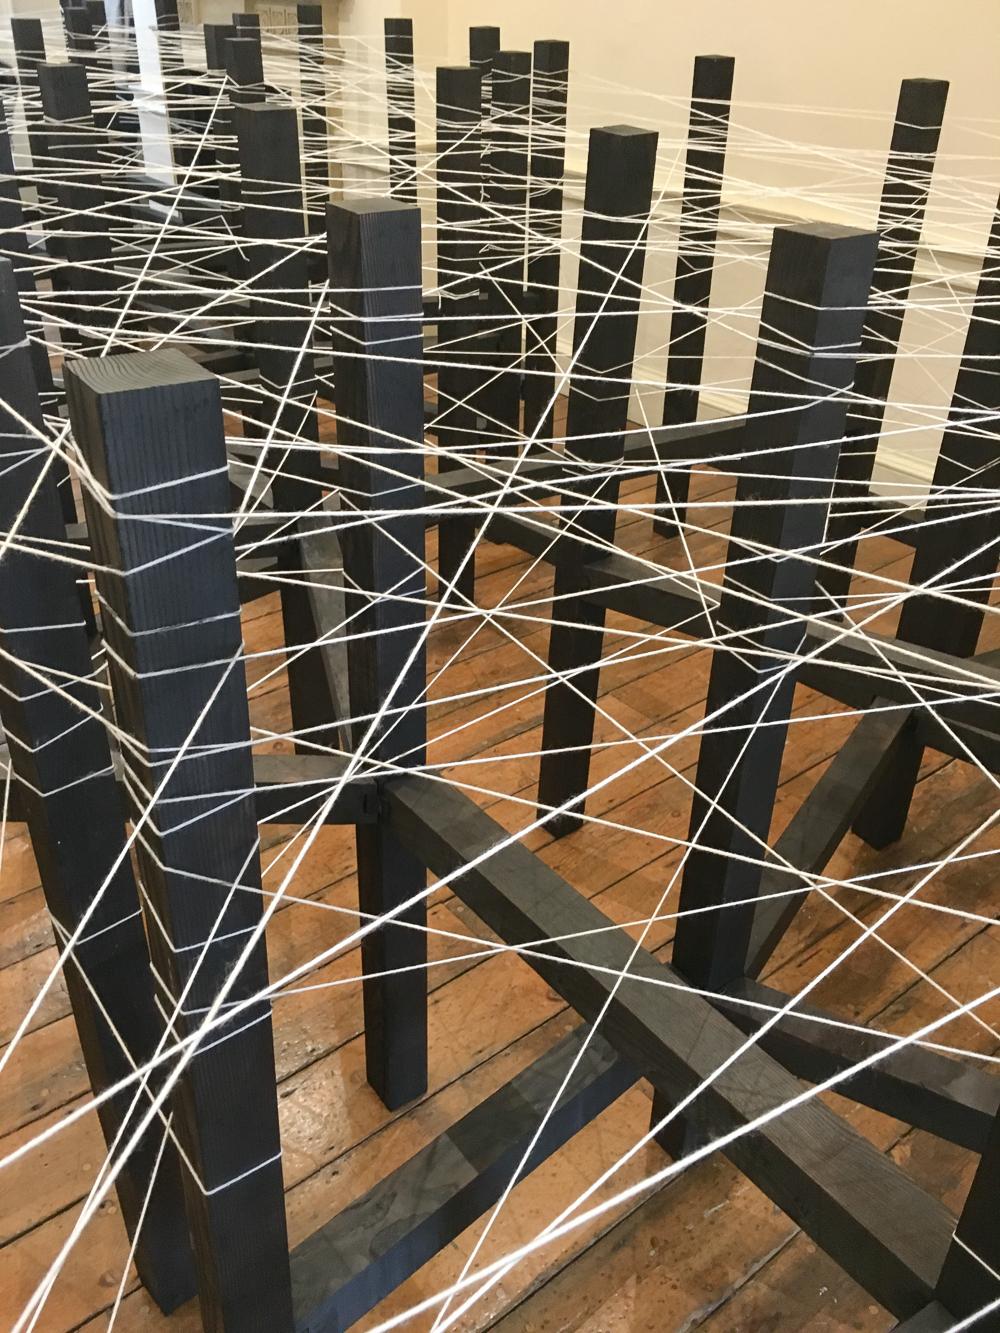 Tunisia at the London Design Biennale | Design Hunter